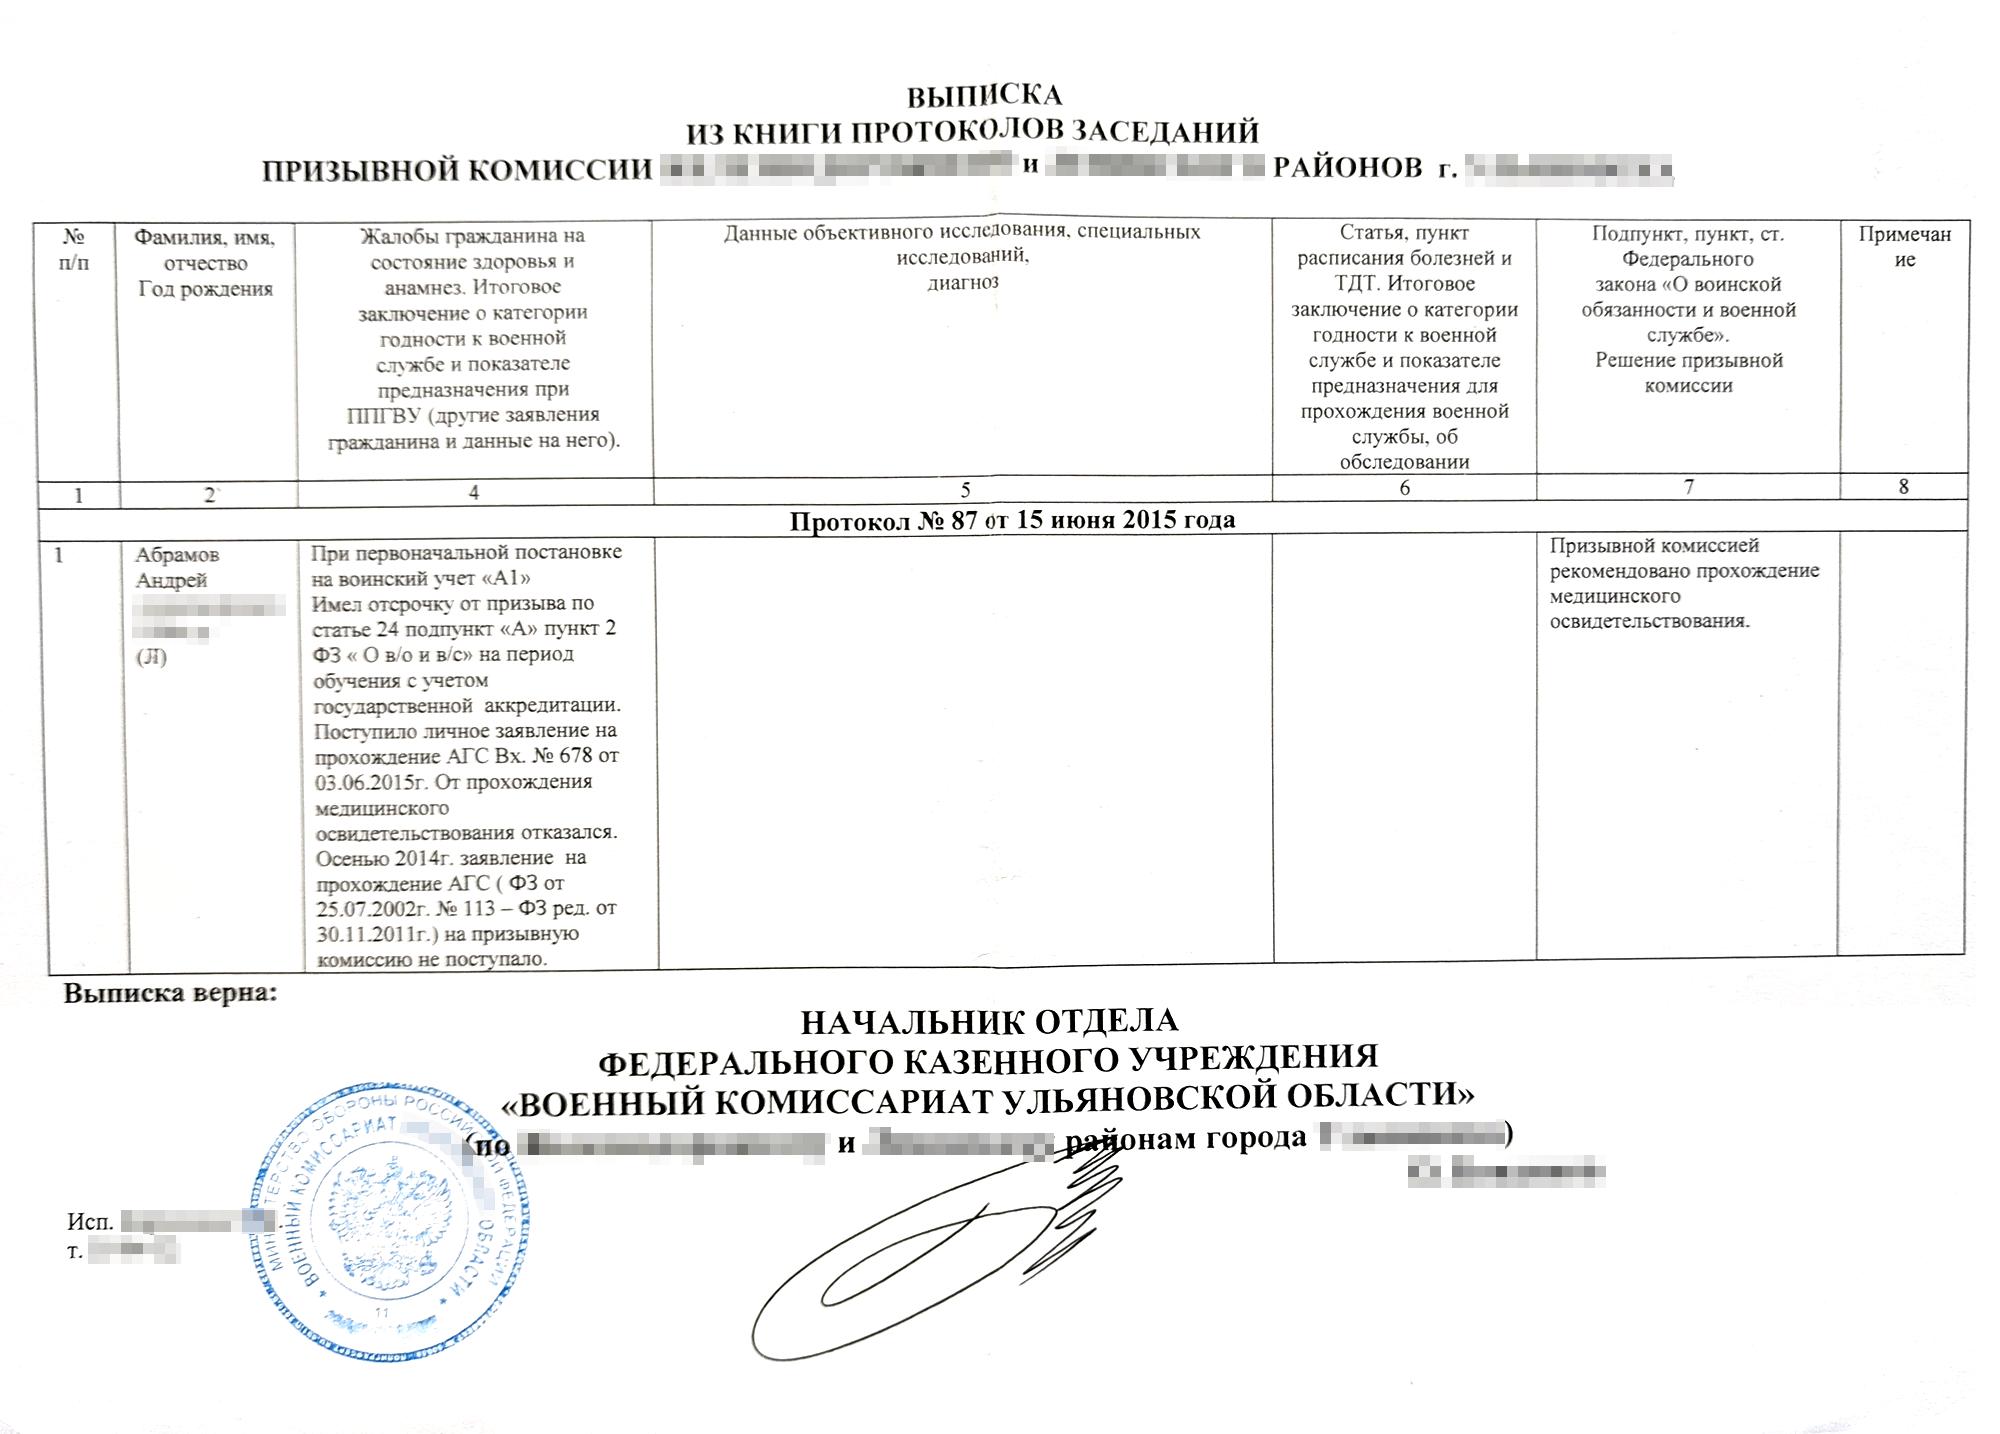 Так выглядит выписка с решением призывной комиссии. В предпоследней колонке фиксируют решение: «Призывной комиссией рекомендовано прохождение медицинского освидетельствования»